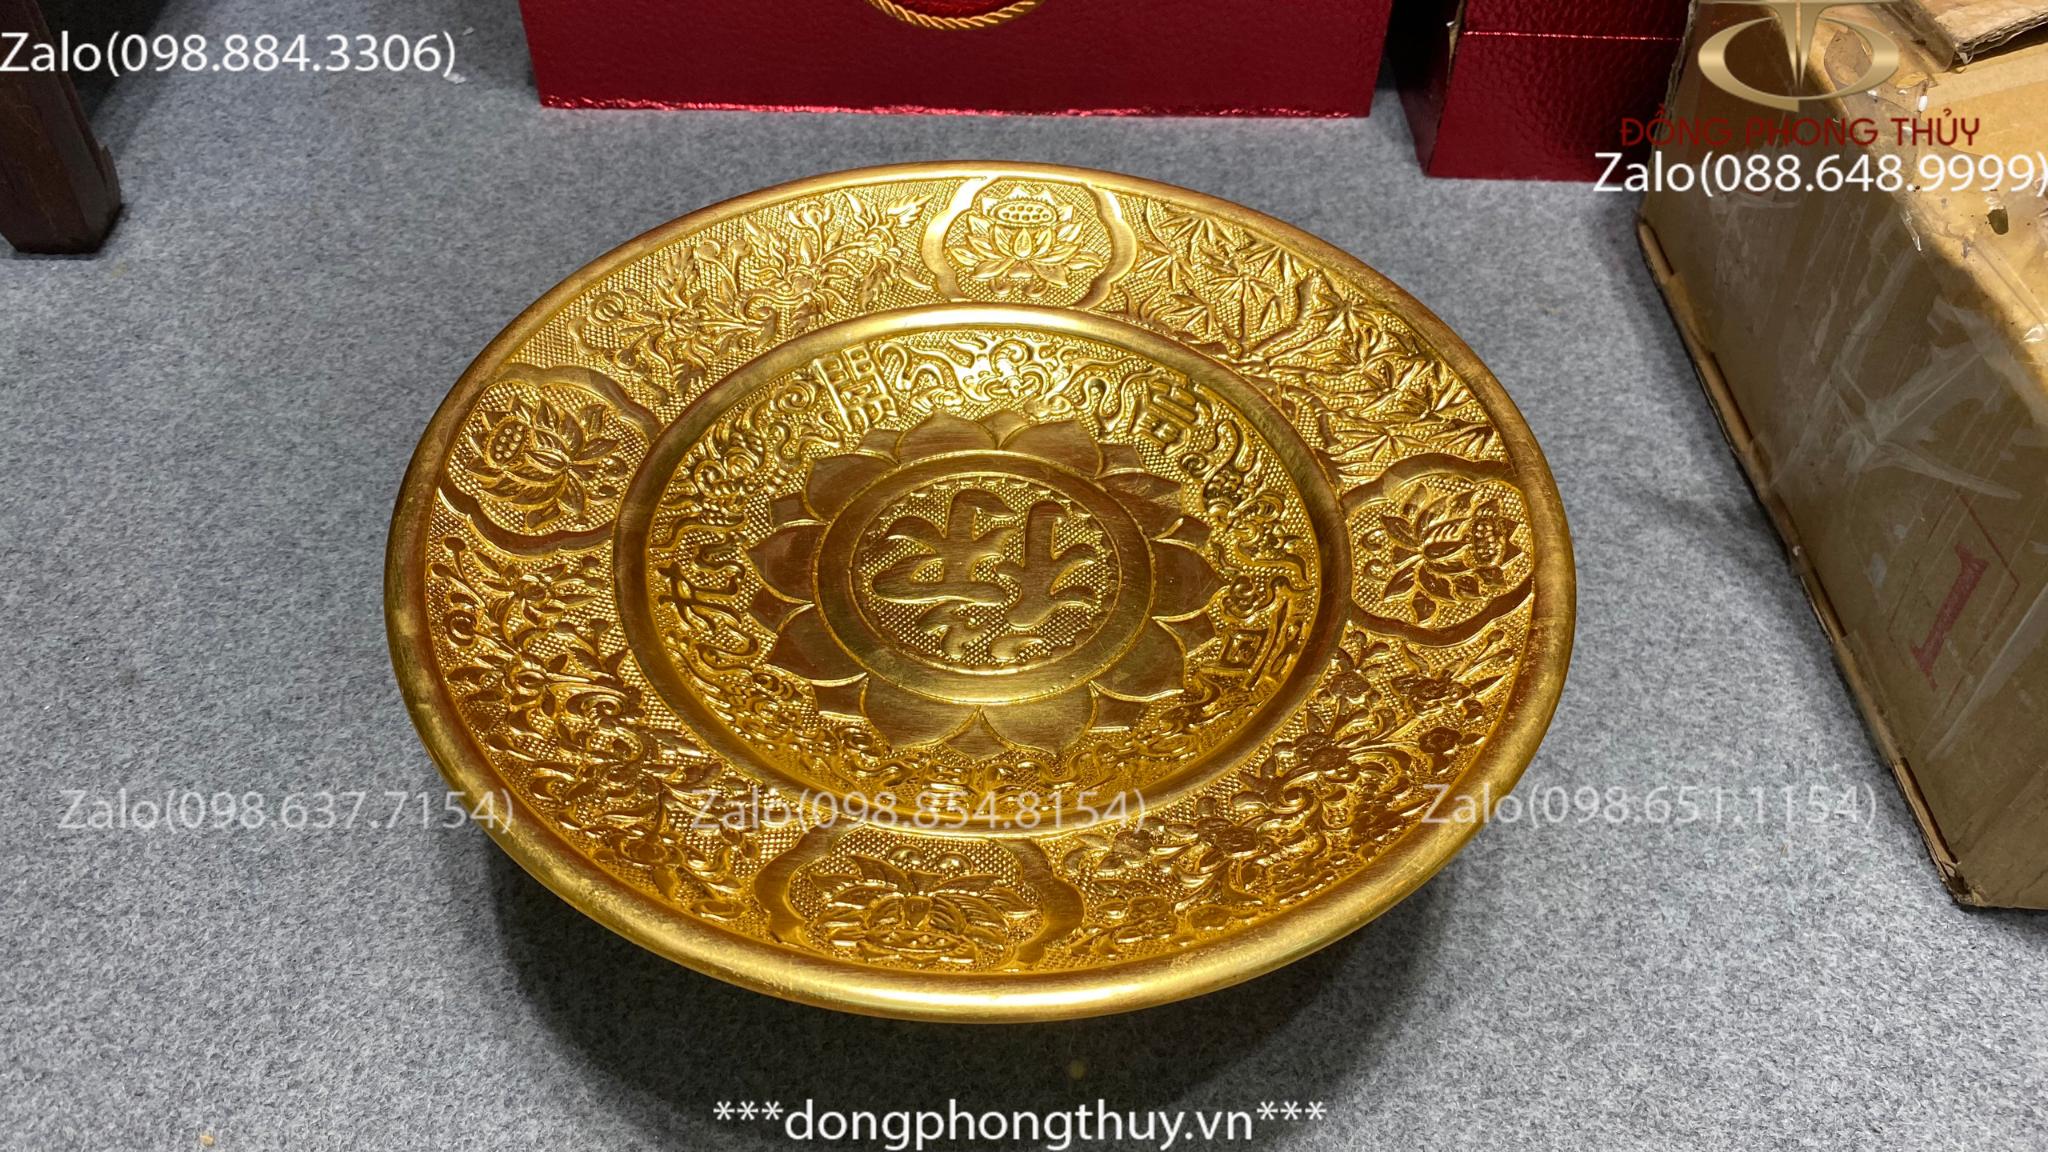 Mâm bồng 35cm bằng đồng thếp vàng 24k